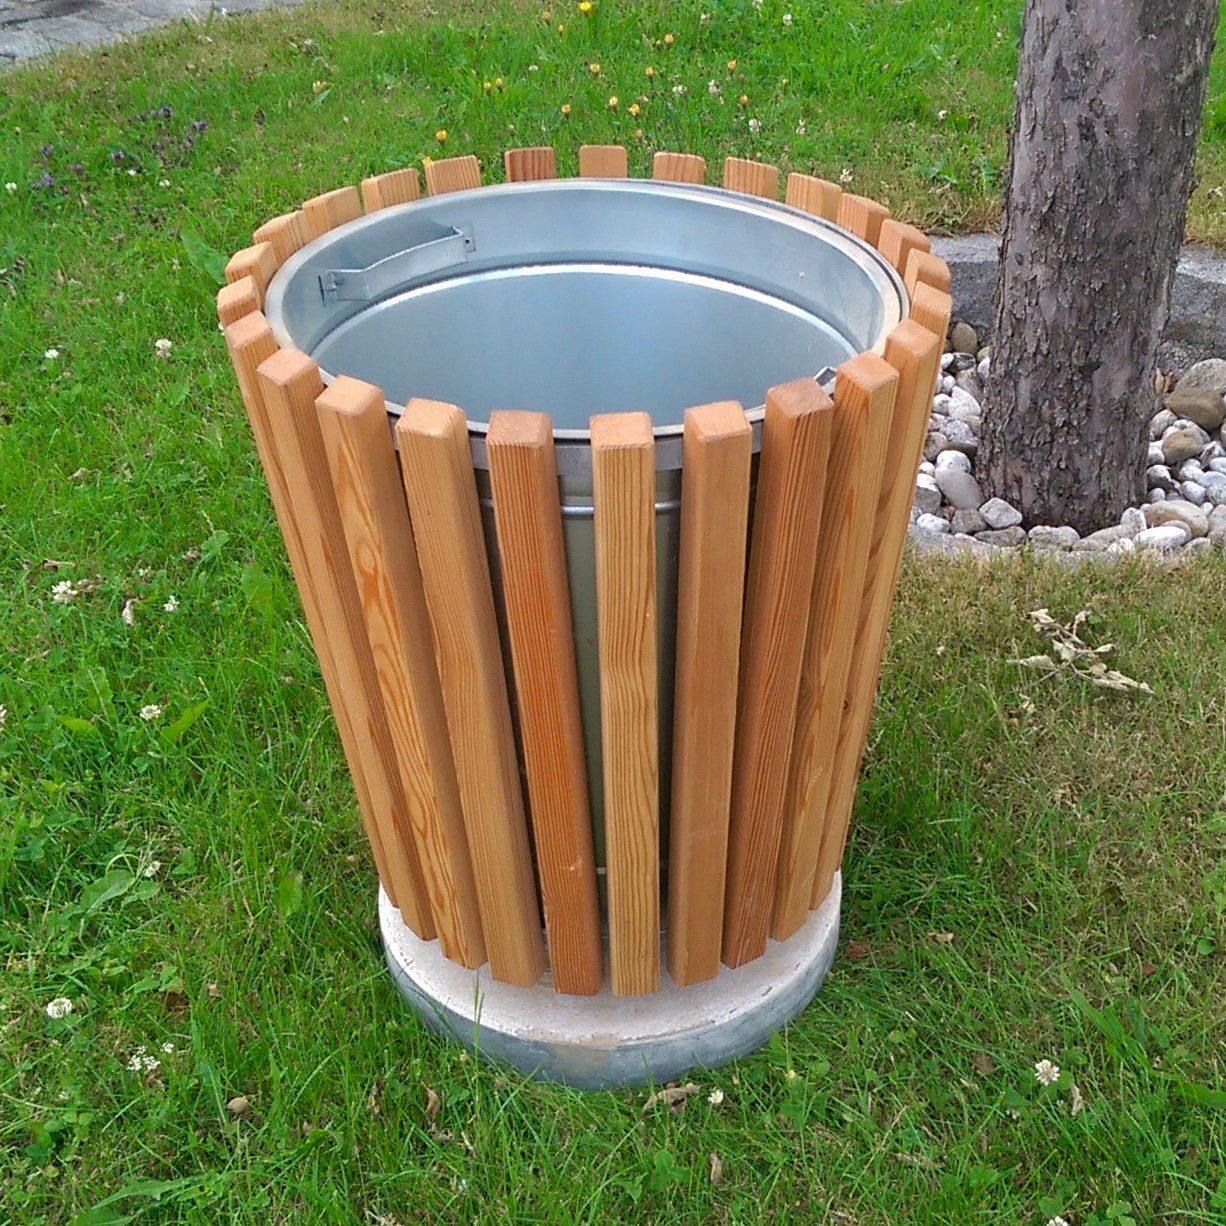 7010_Abfallbehälter mit Holzverkleidung